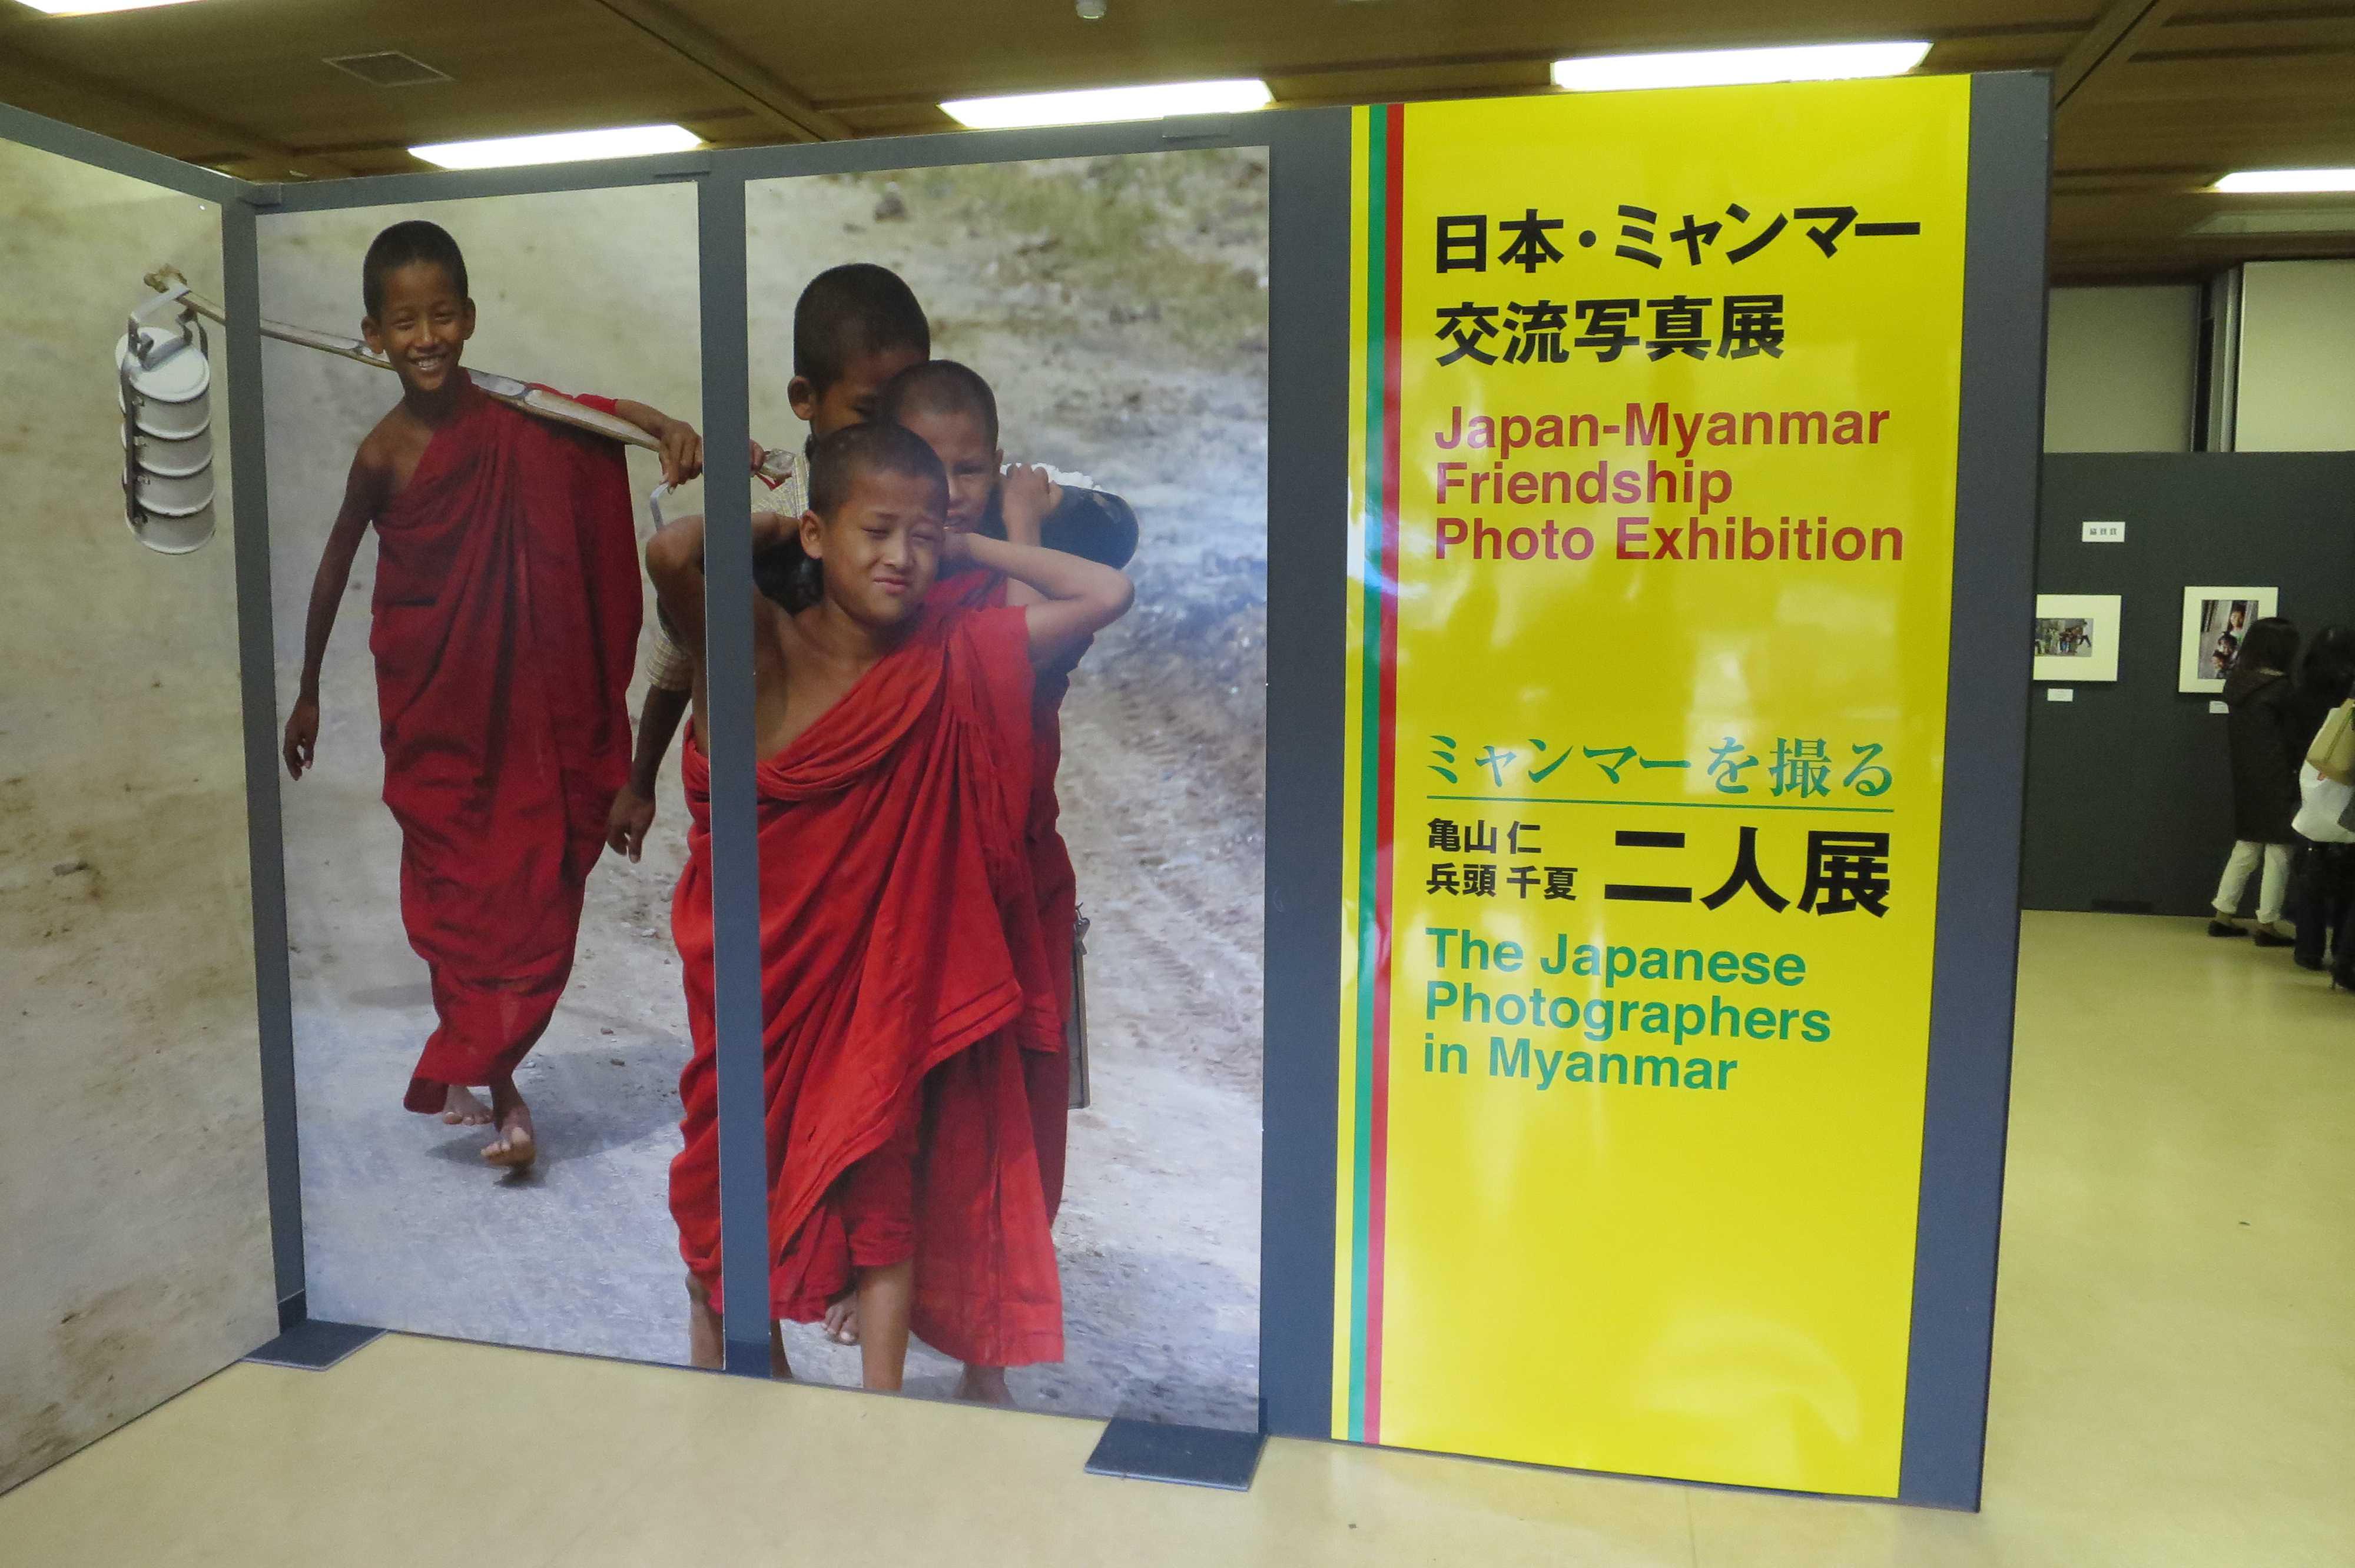 日本・ミャンマー交流写真展 「ミャンマーを撮る」& 亀山仁・兵藤千夏 二人展 - ミャンマー祭り2016